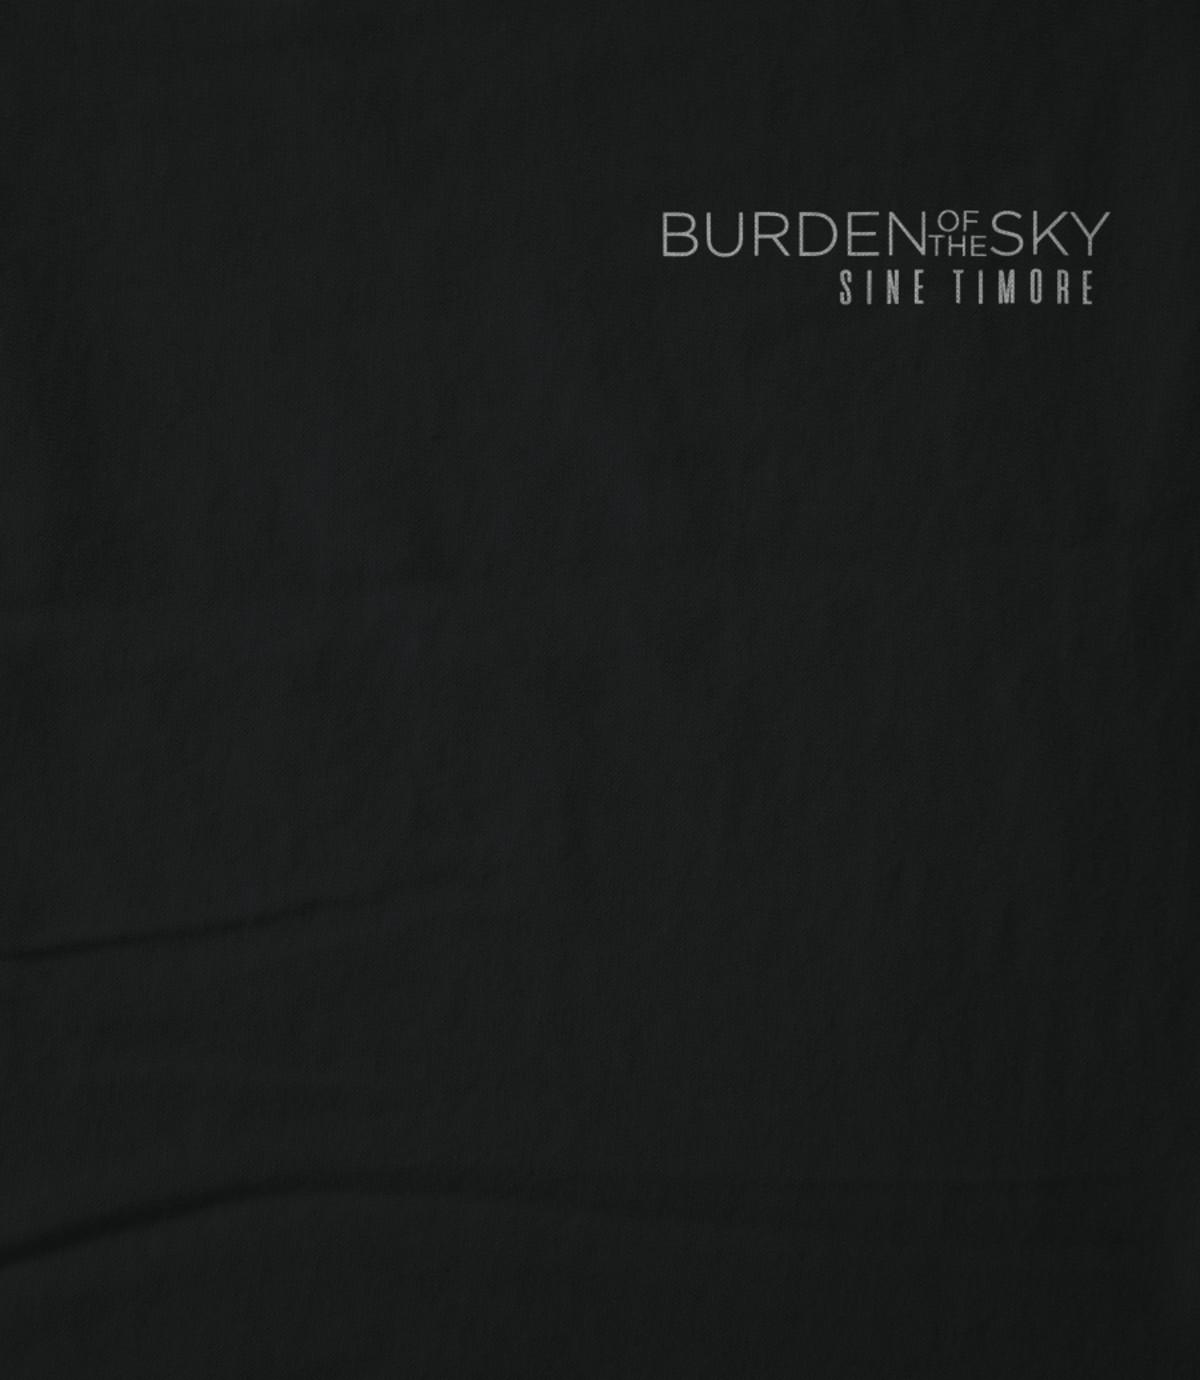 Burden of the sky left chest sine 1552504374